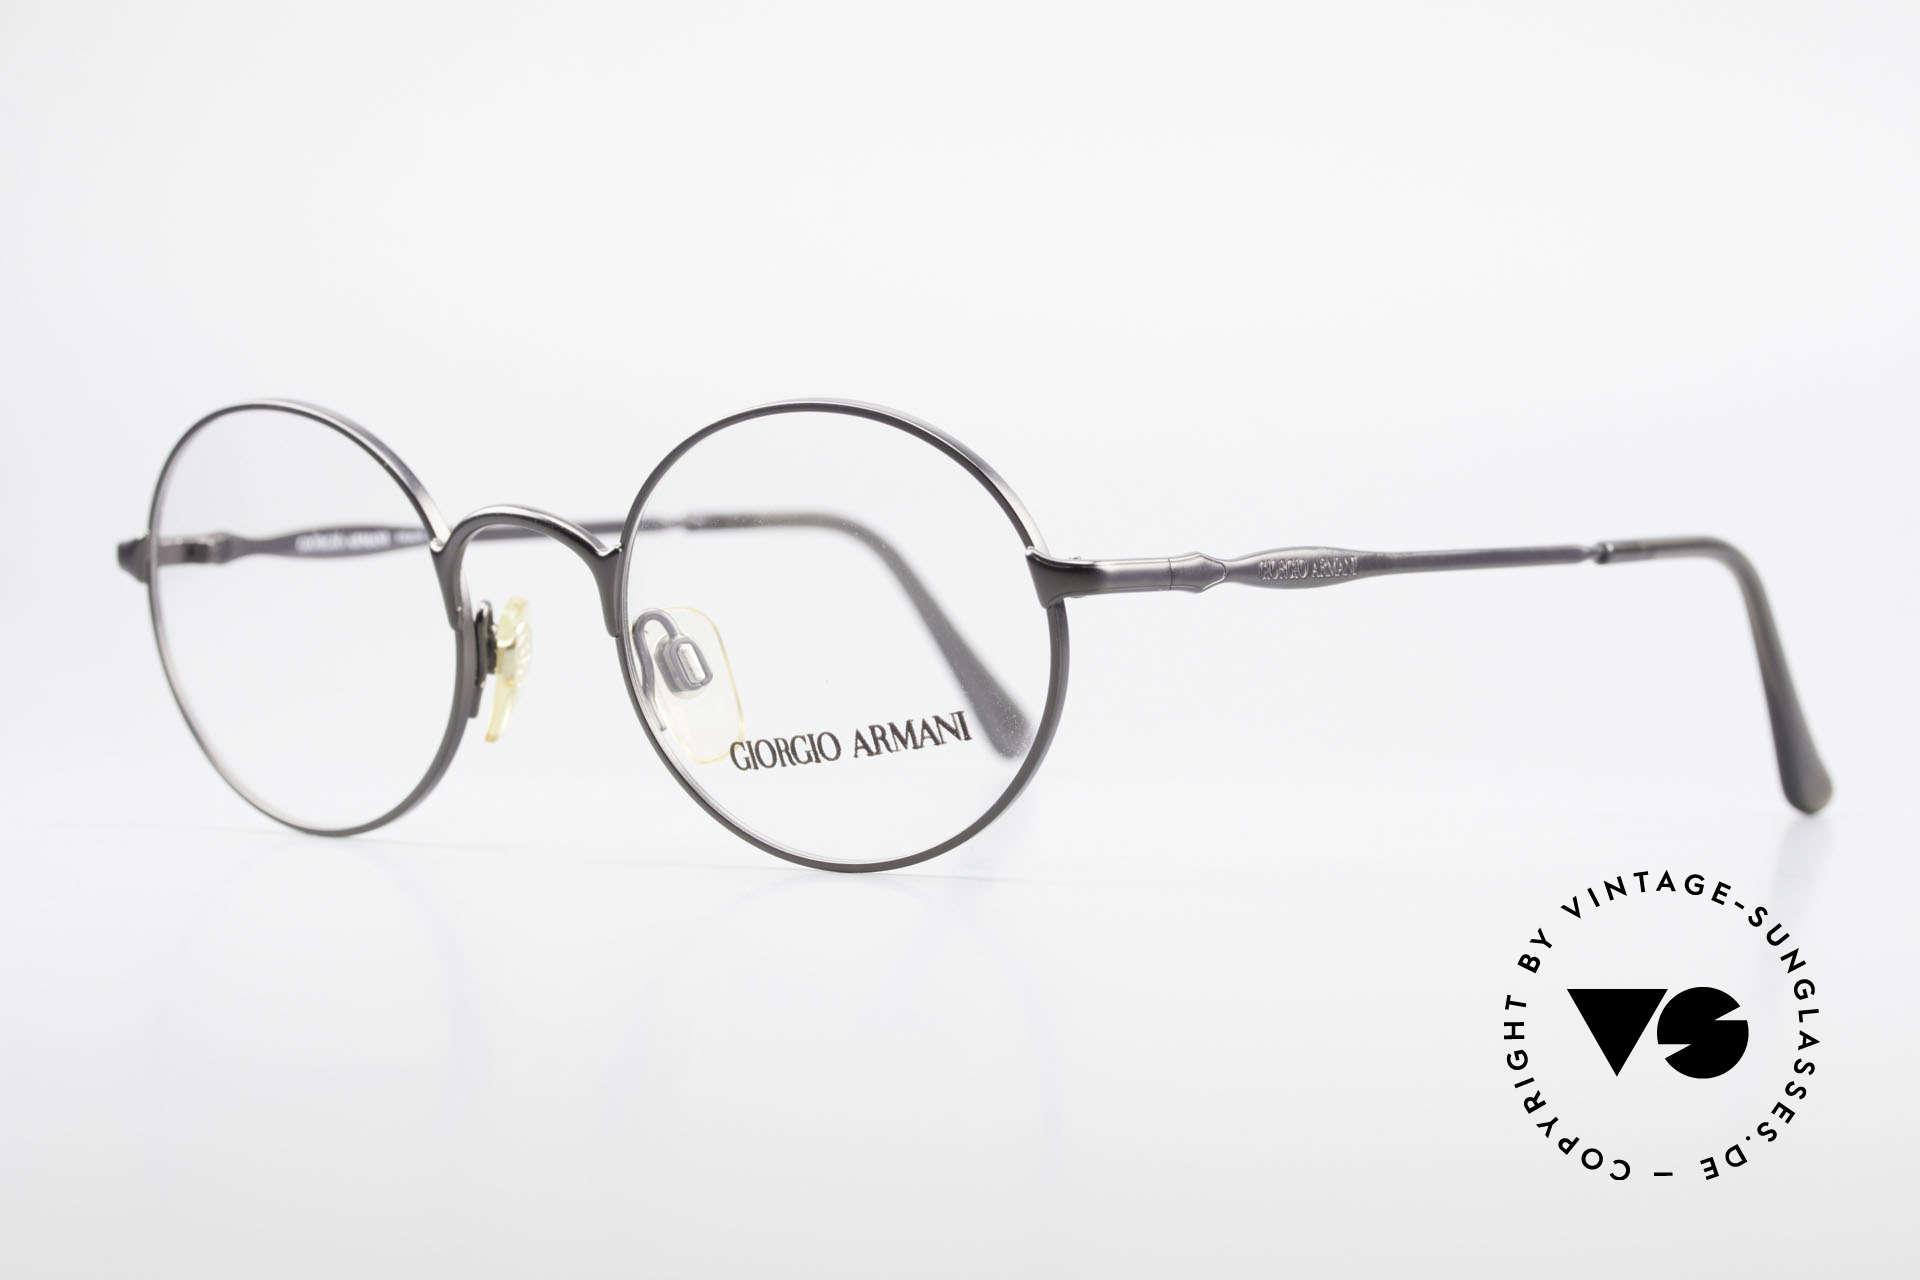 Giorgio Armani 243 Kleine Rund Ovale Brille 90er, dezenter, zeitloser Stil sowie Farbe (anthrazit), Passend für Herren und Damen